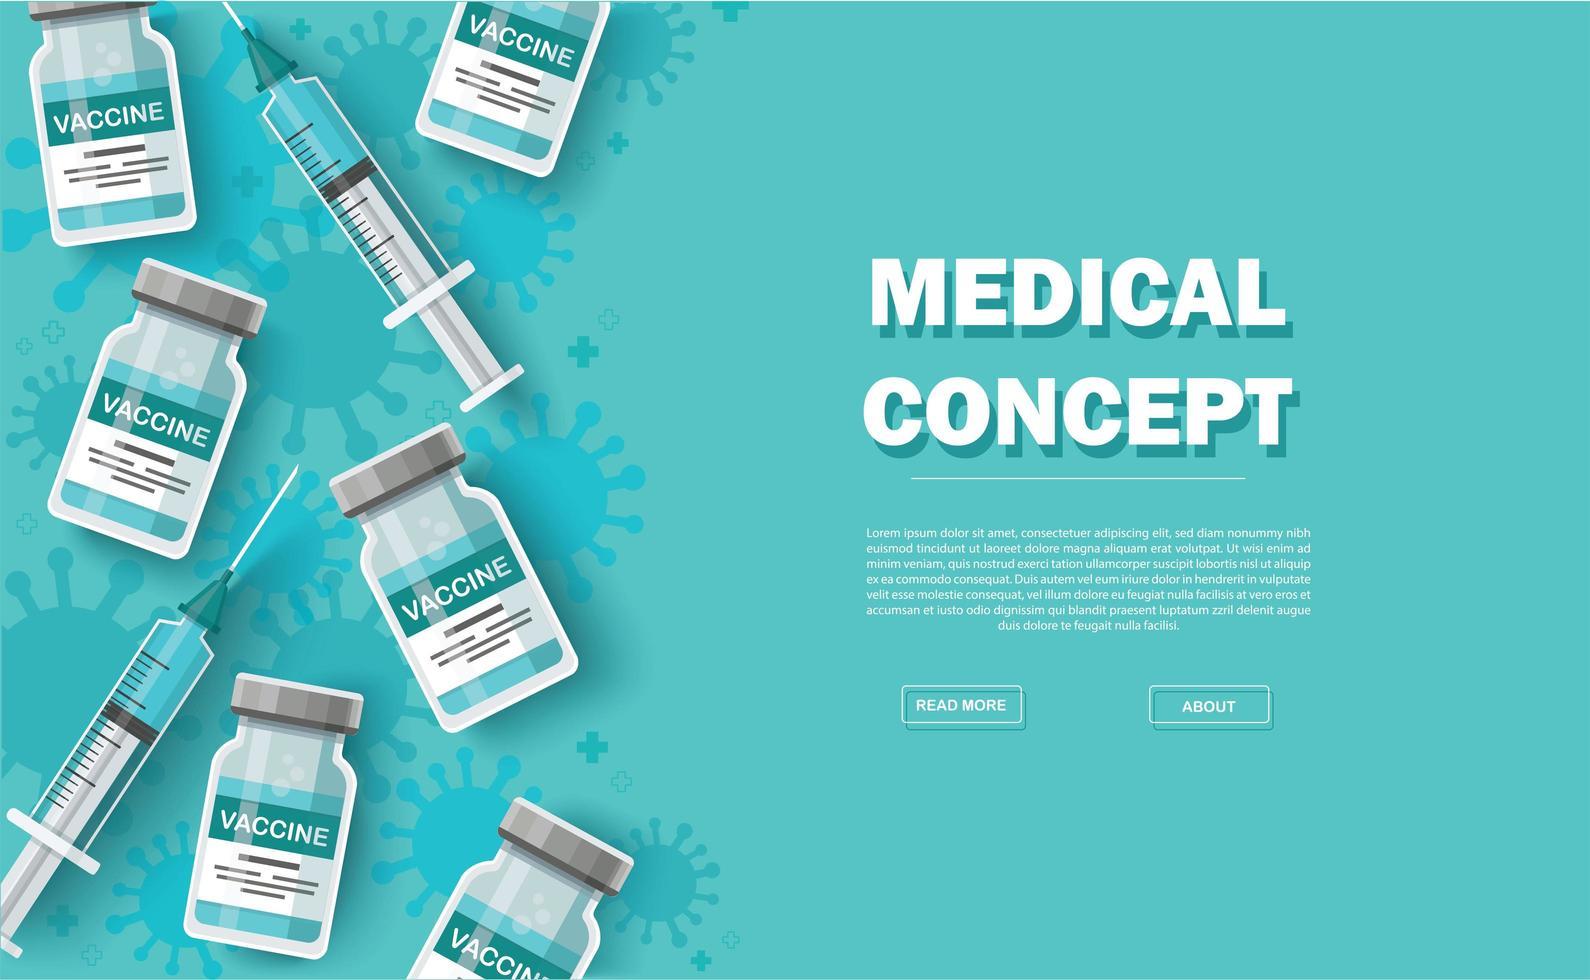 Impfstoff Hintergrund. Impfkonzept. Gesundheitsversorgung und Schutz. Vektorillustration vektor